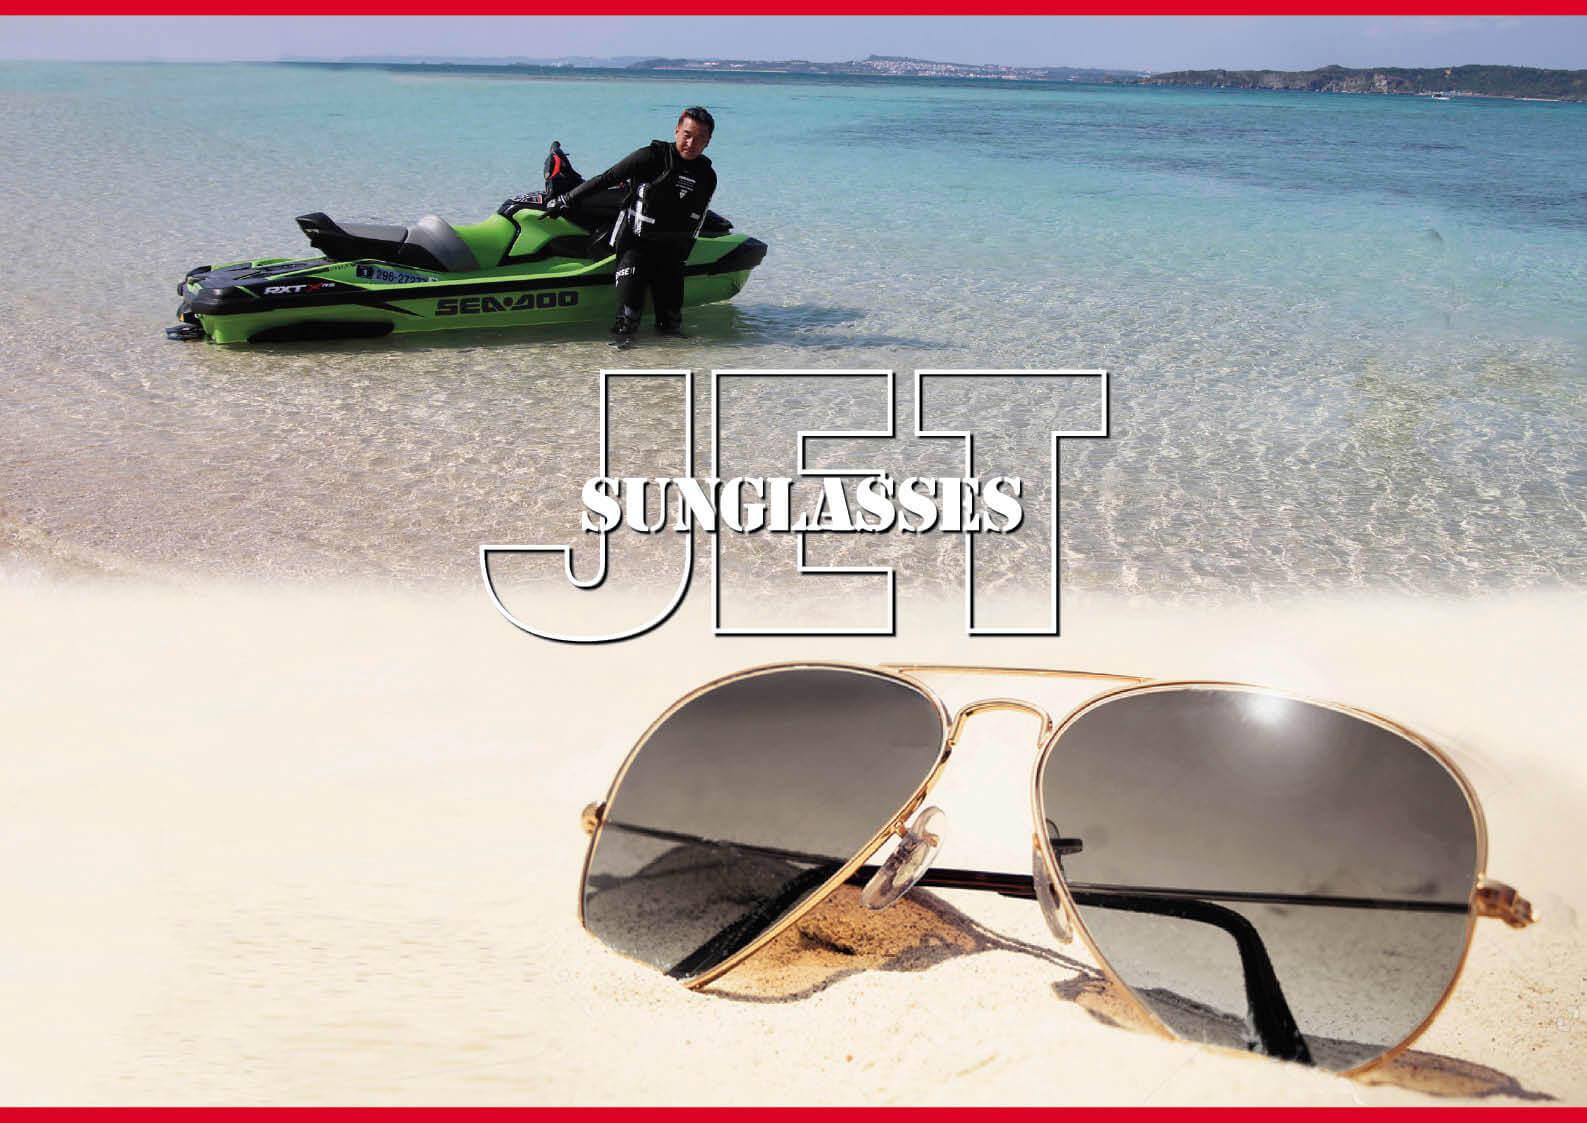 夏のジェットの必需品!「サングラス」の選び方‼ ジェットスキー(水上バイク)